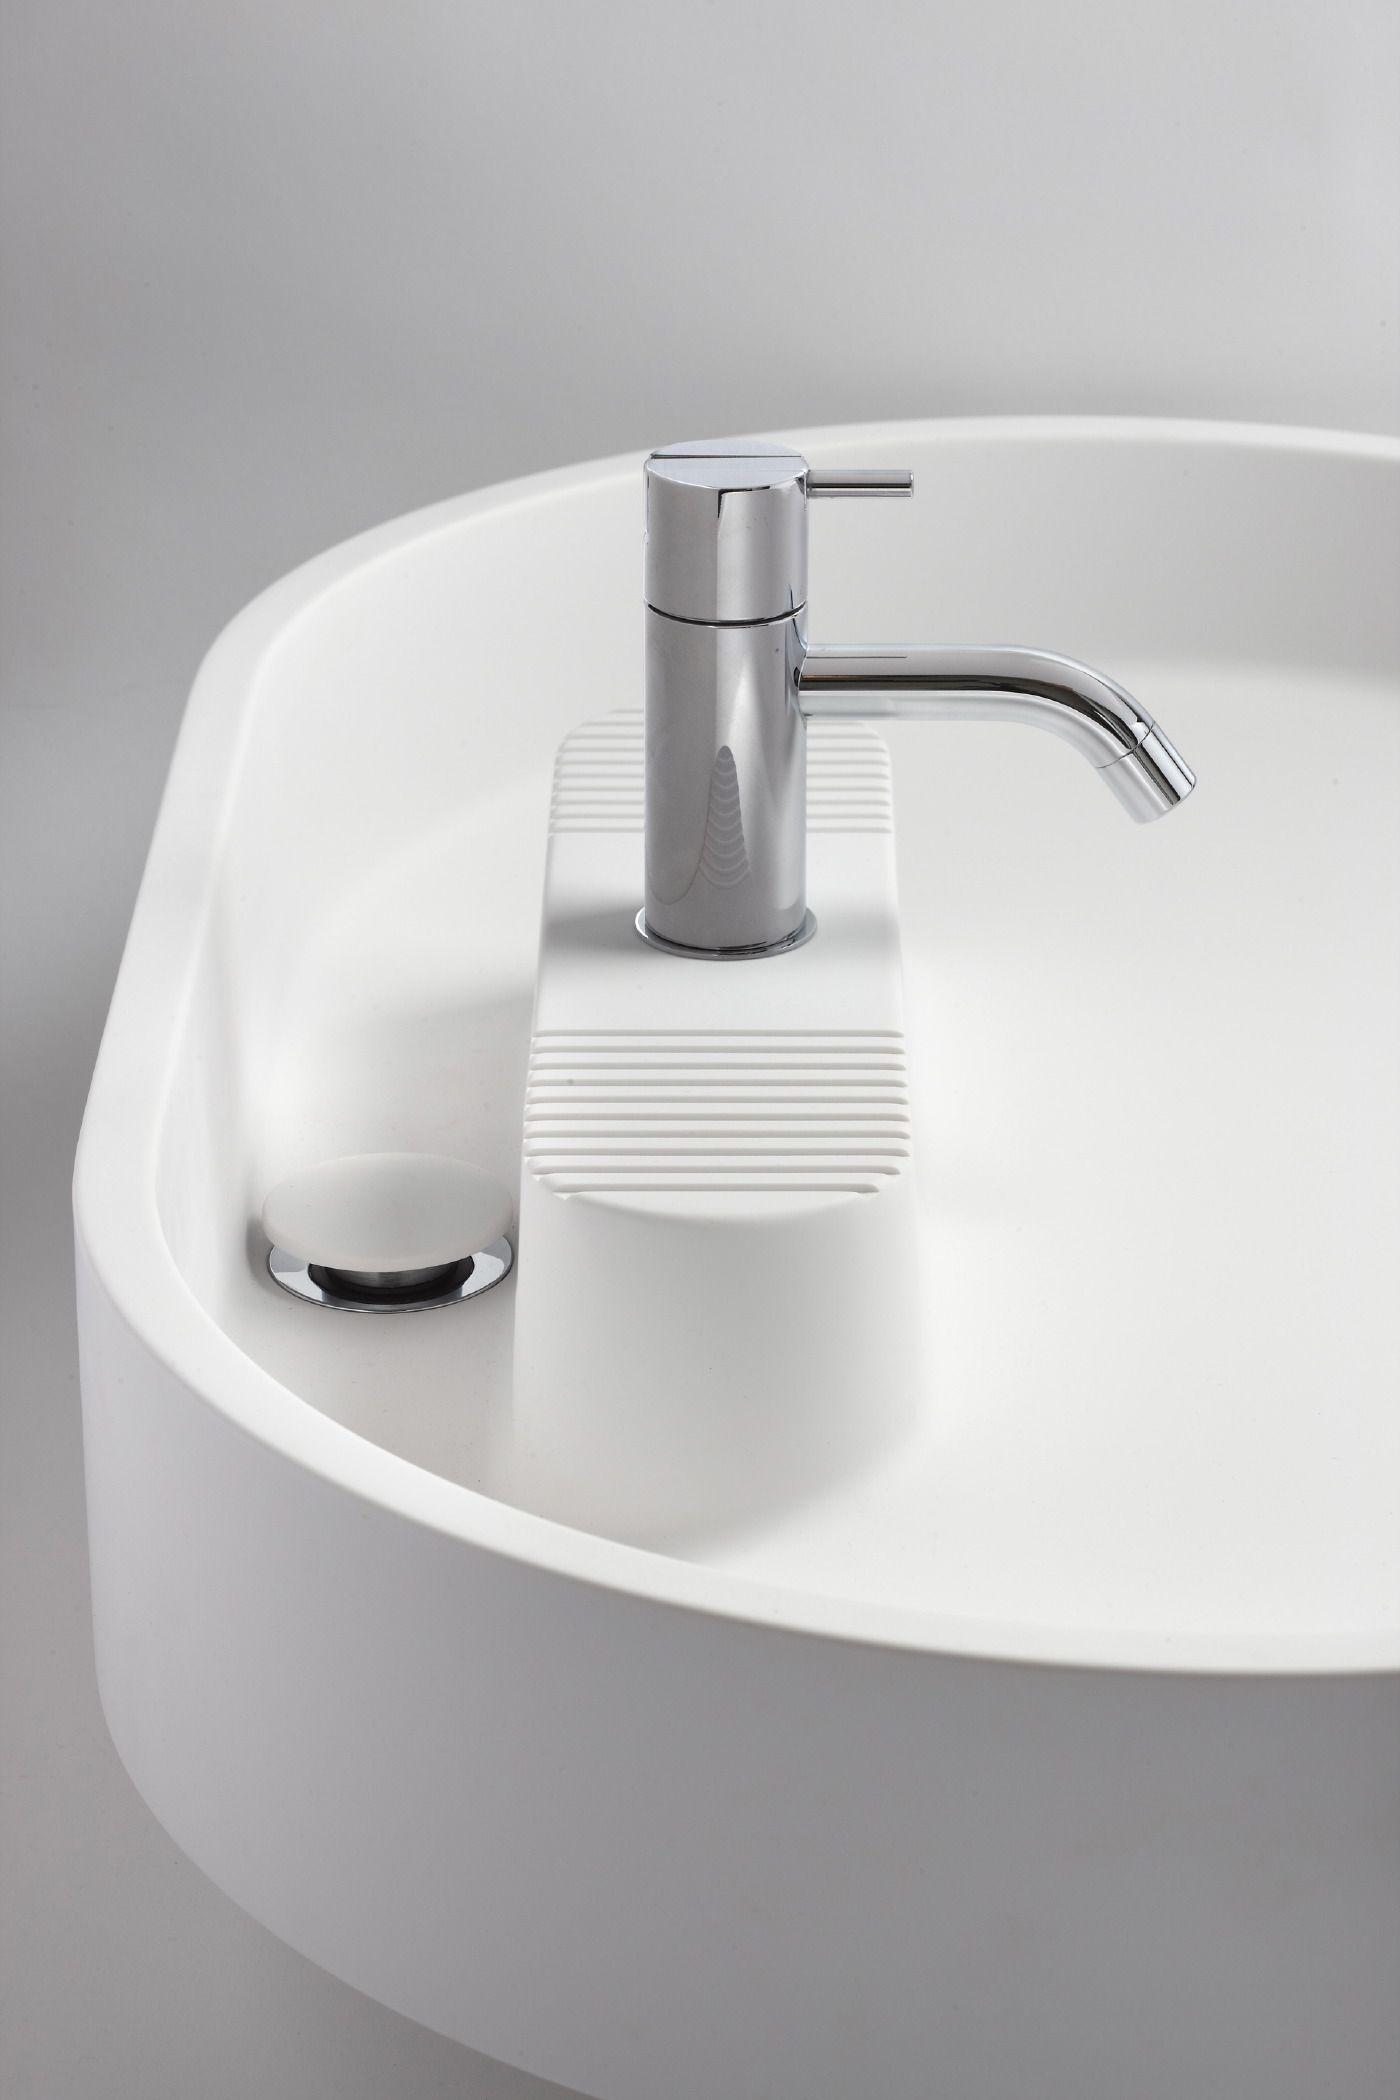 effegibi units faucets faucet graff air bath base steam mti pin shower